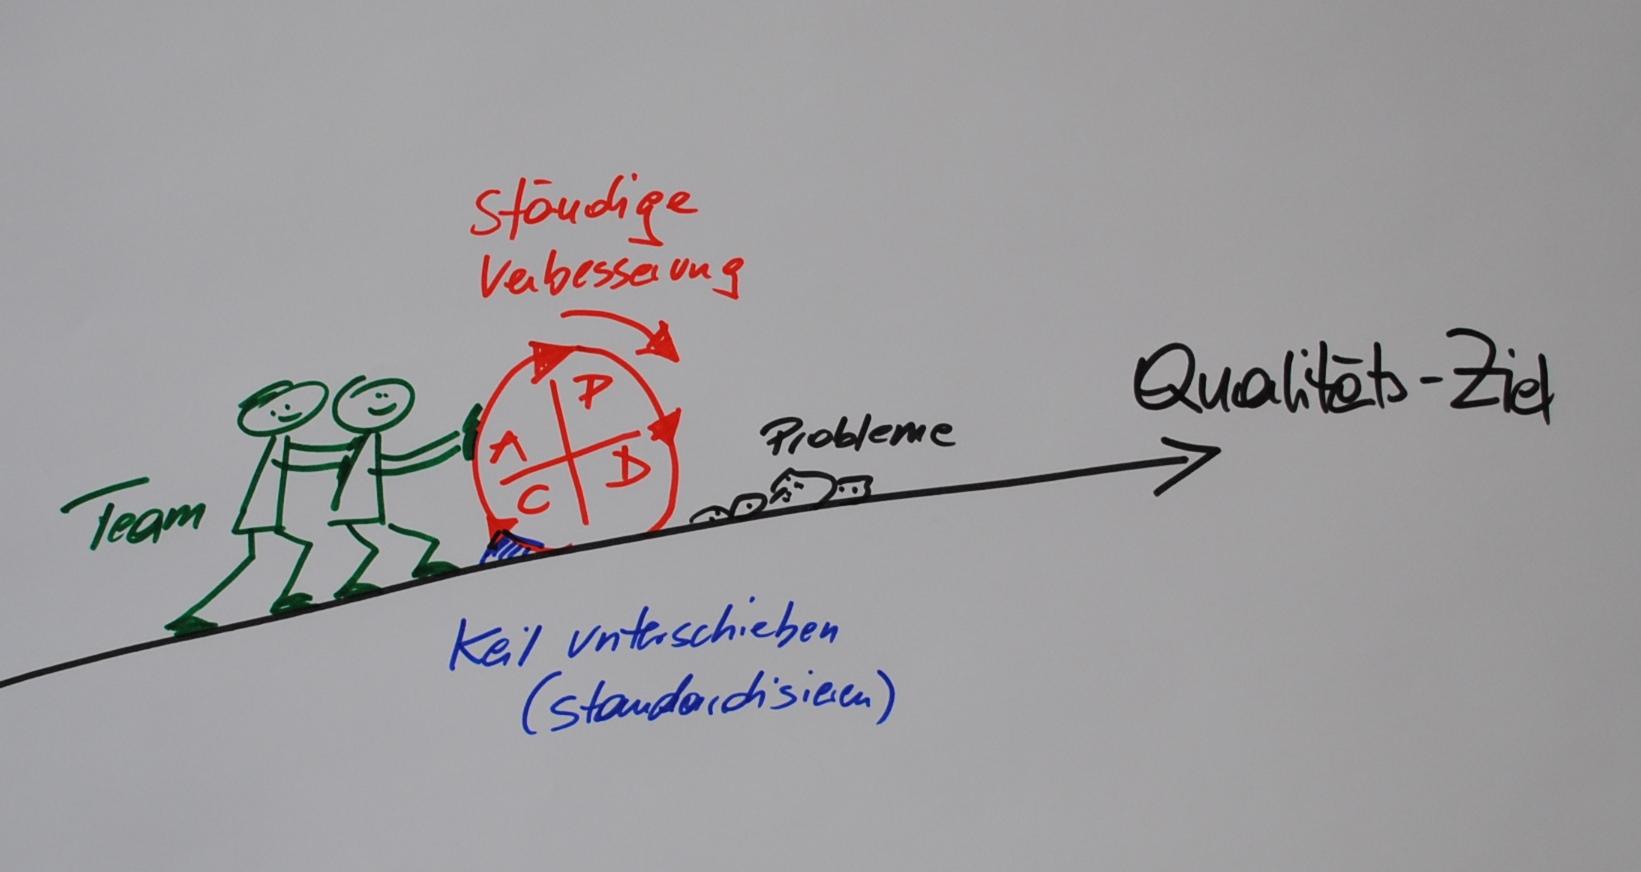 qualitts ziele - Qualitatsziele Beispiele